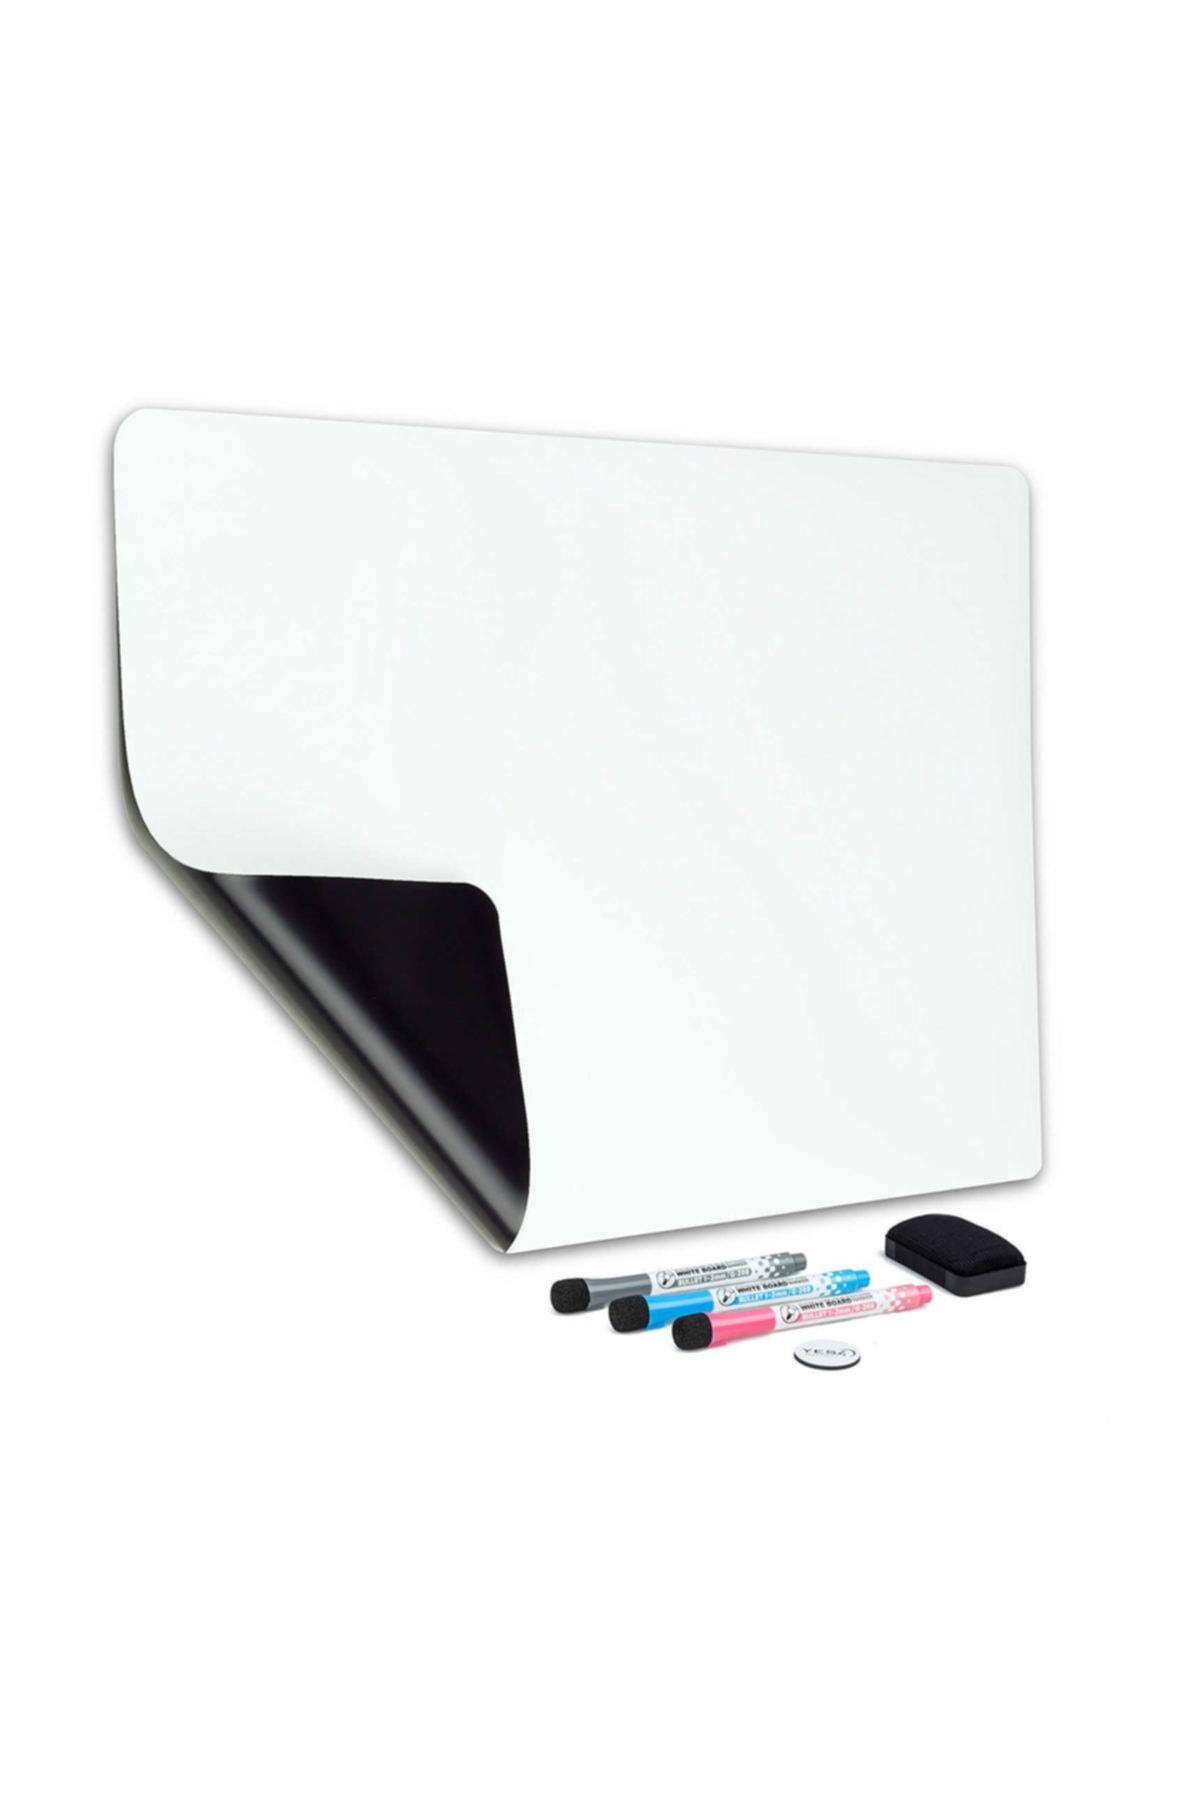 Mıknatıslı Manyetik Beyaz Tahta - 50cm x 60cm Katlanabilir Silinebilir Yazı Mesaj Tablosu + 3 Kalem